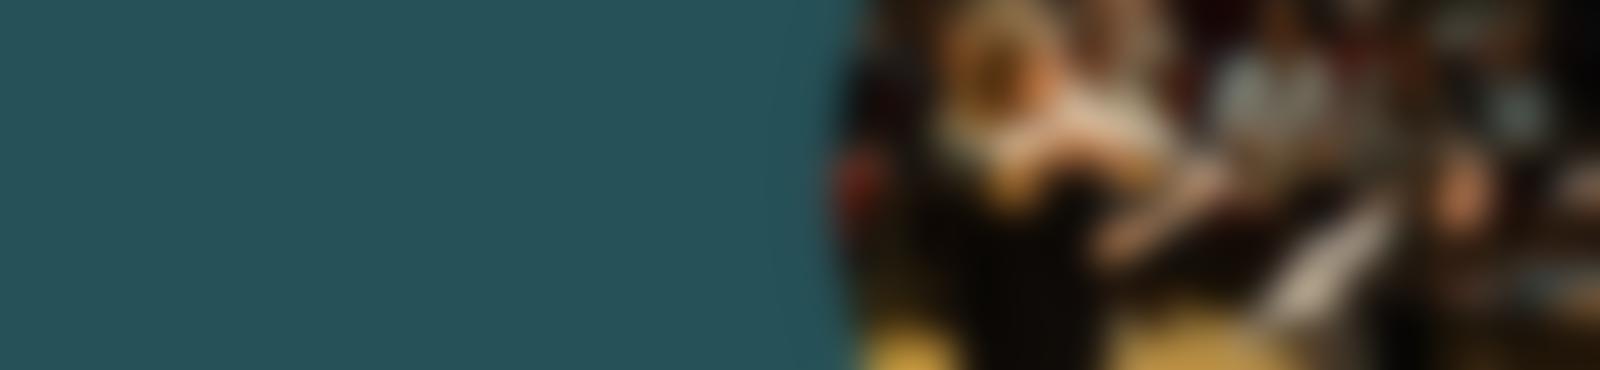 Blurred 941d644d f4de 42b8 ad0a 20c281c1cbda